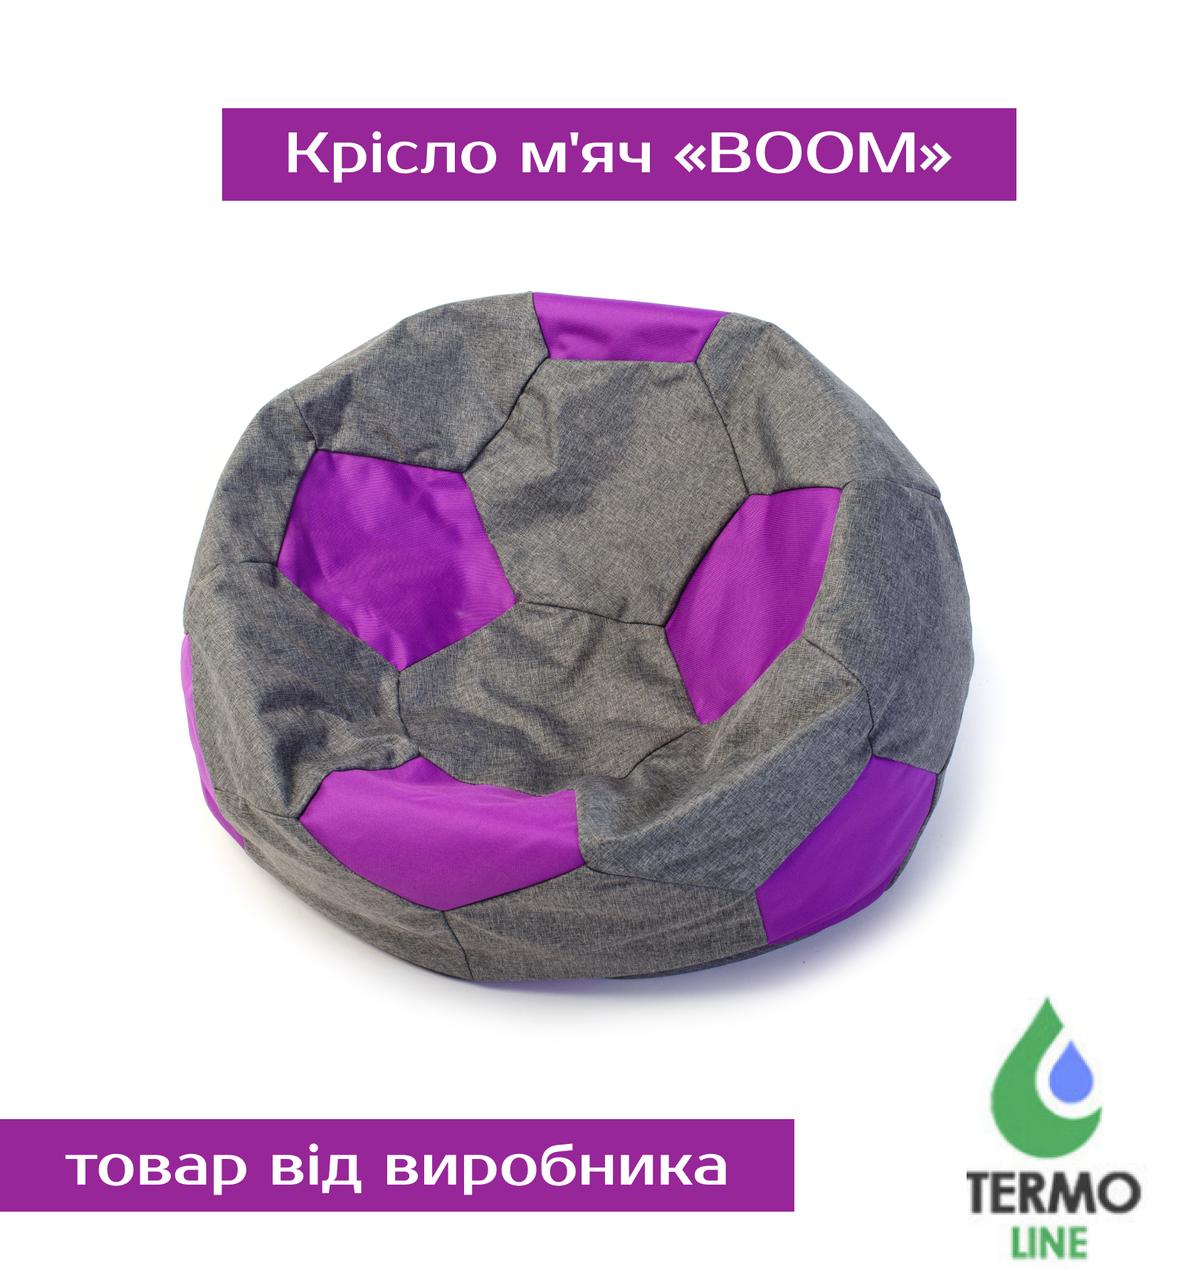 Кресло мяч «BOOM» 120см серо-фиолетовый